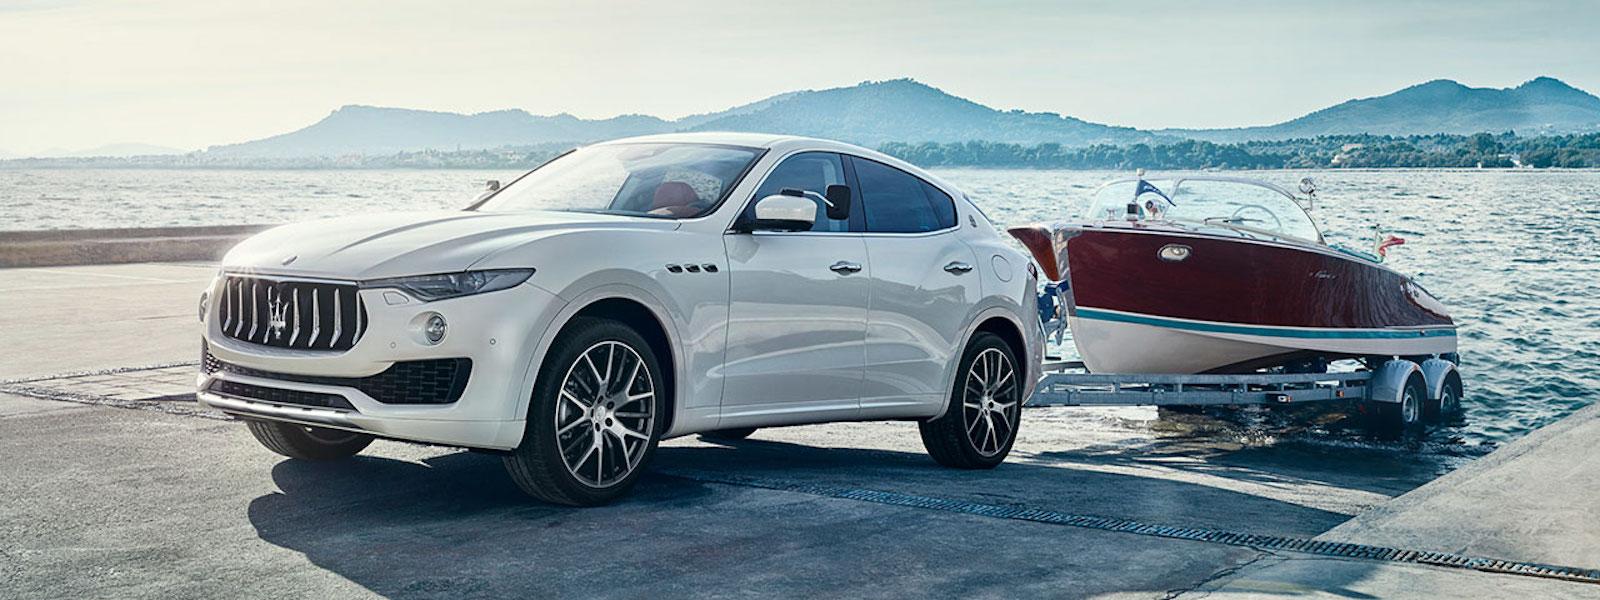 Maserati Levante Design